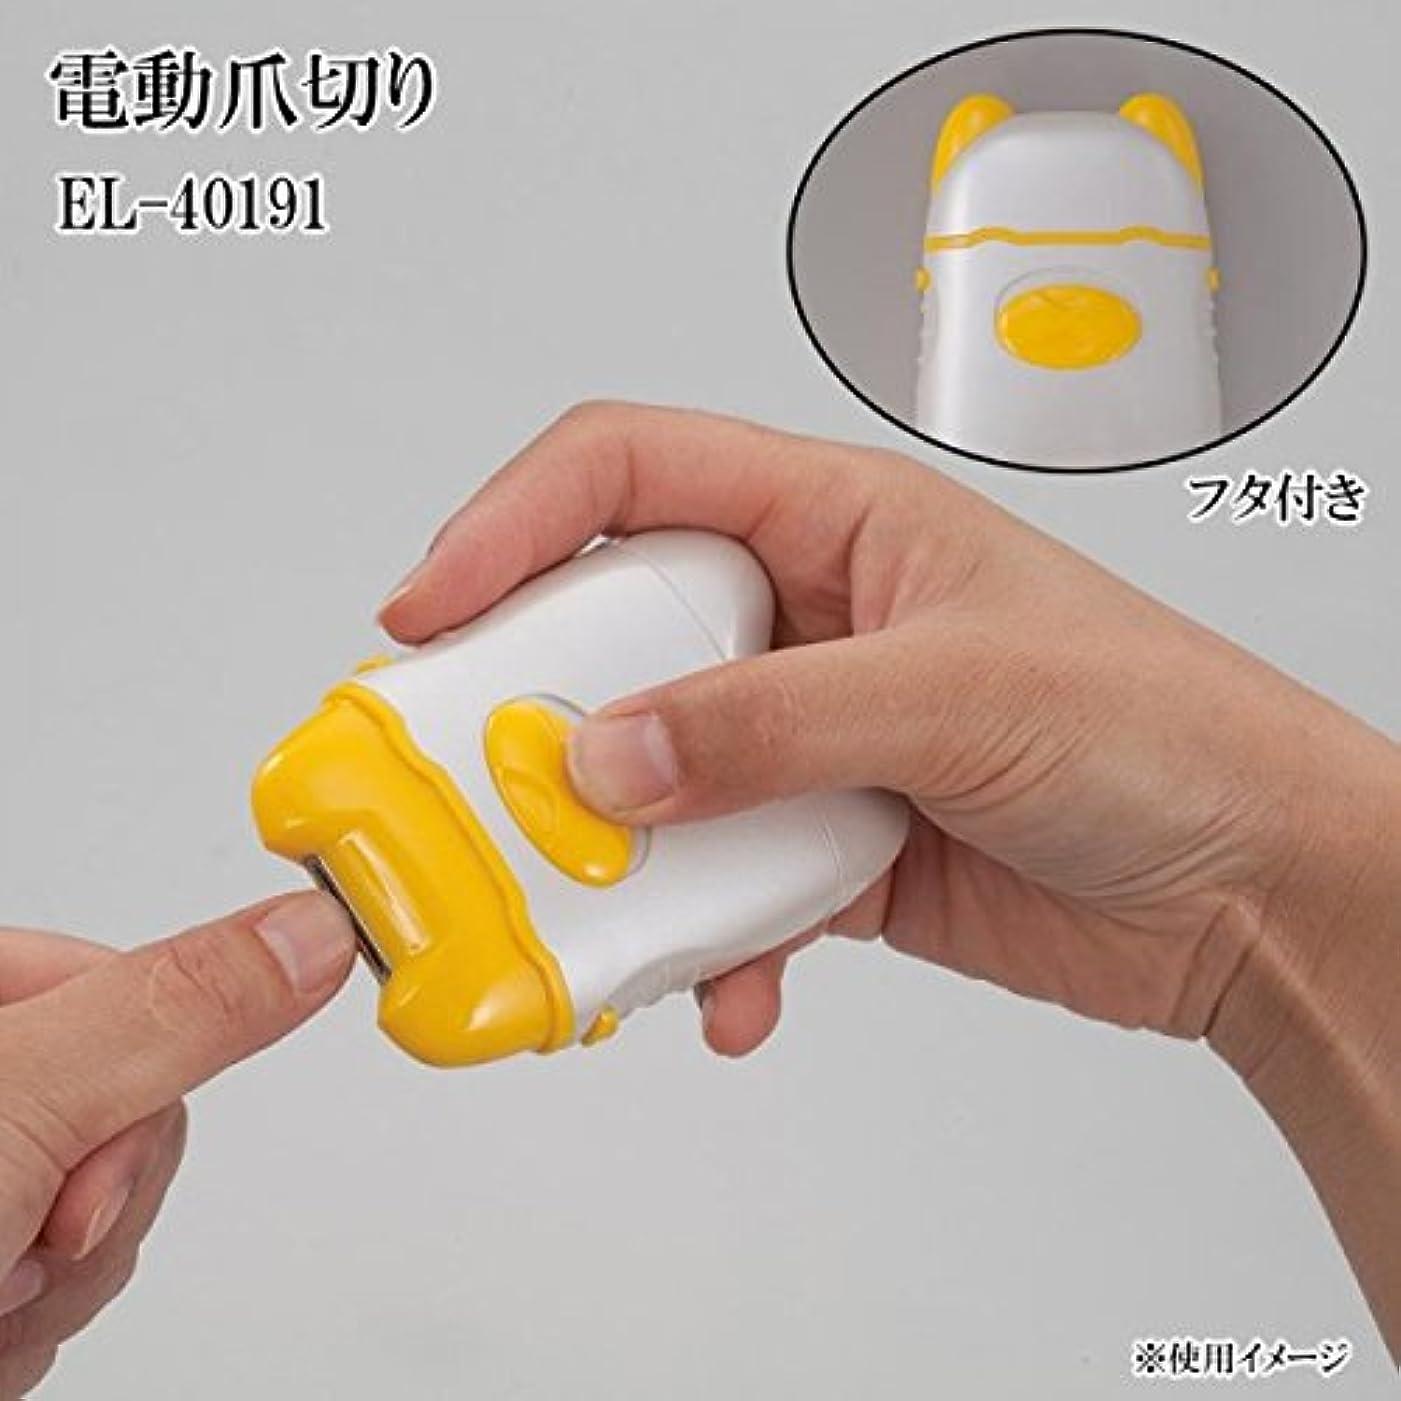 違反飢えた大破電動爪切り EL-40191 【人気 おすすめ 】